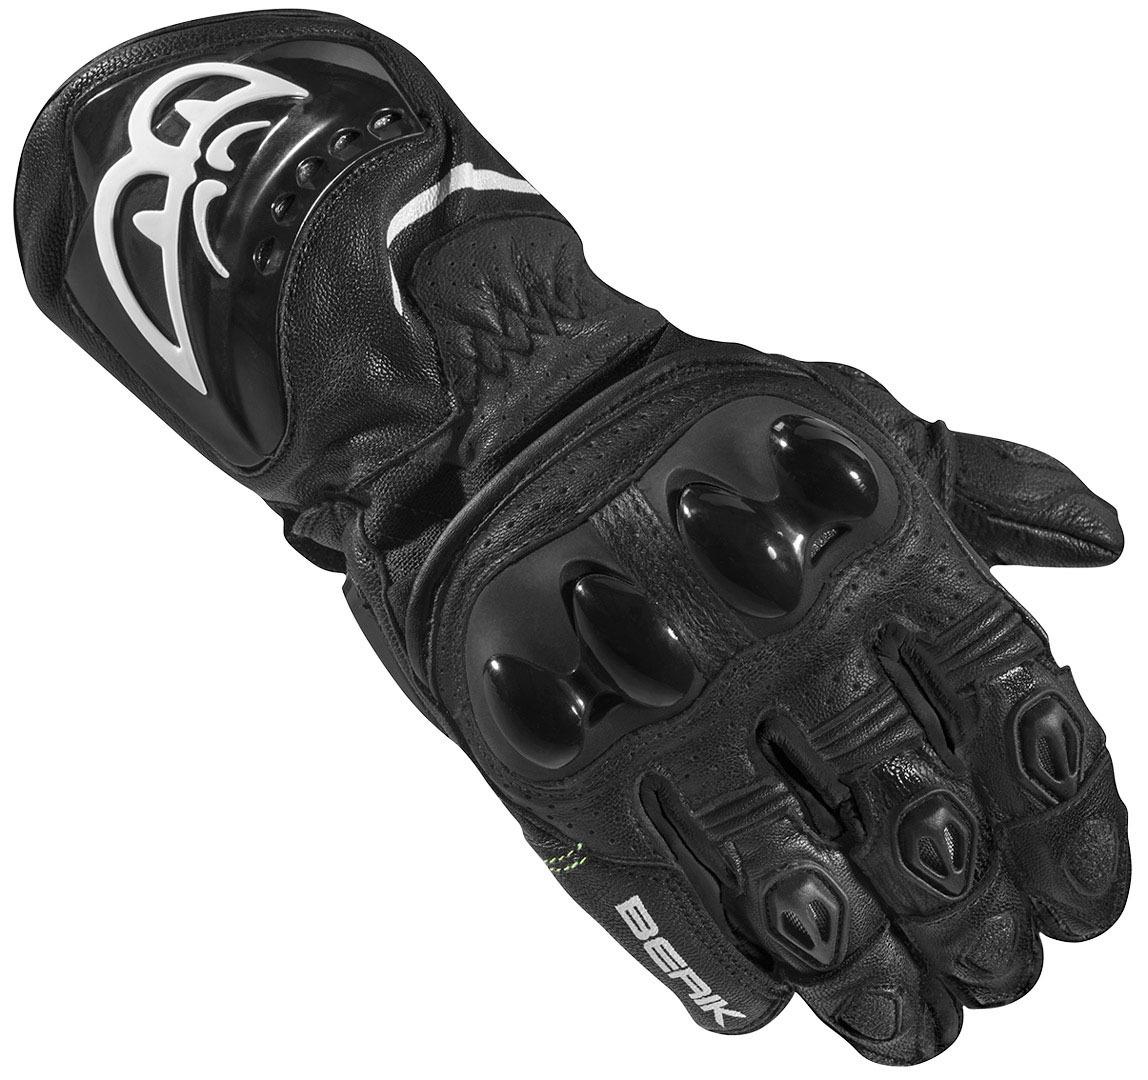 Berik Spa Evo Motorradhandschuhe, schwarz, Größe 2XL, schwarz, Größe 2XL